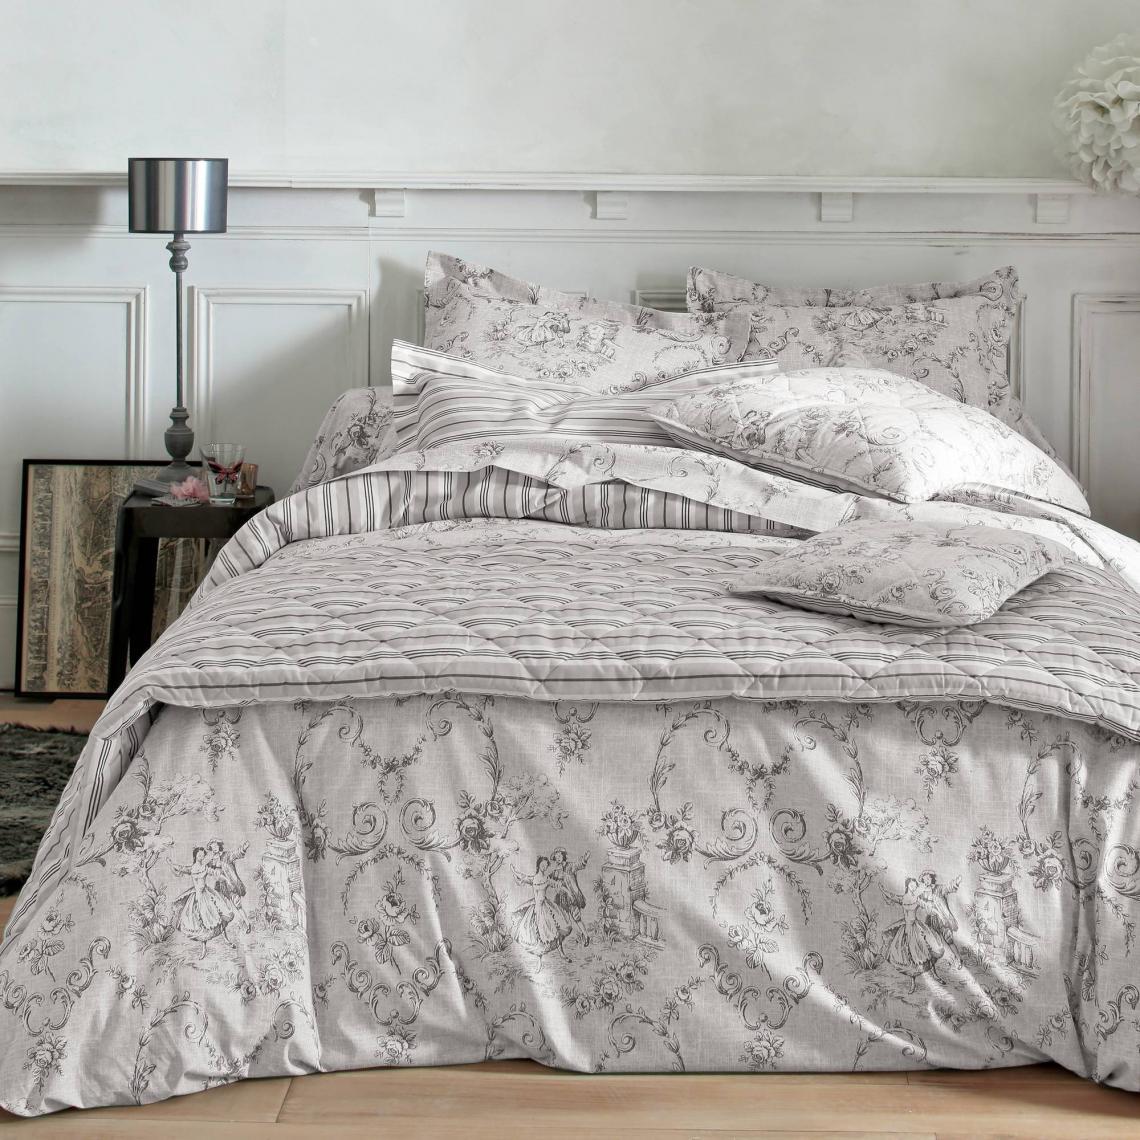 housse de couette coton imprim romantique imitation toile de jouy marquise gris 3 suisses. Black Bedroom Furniture Sets. Home Design Ideas